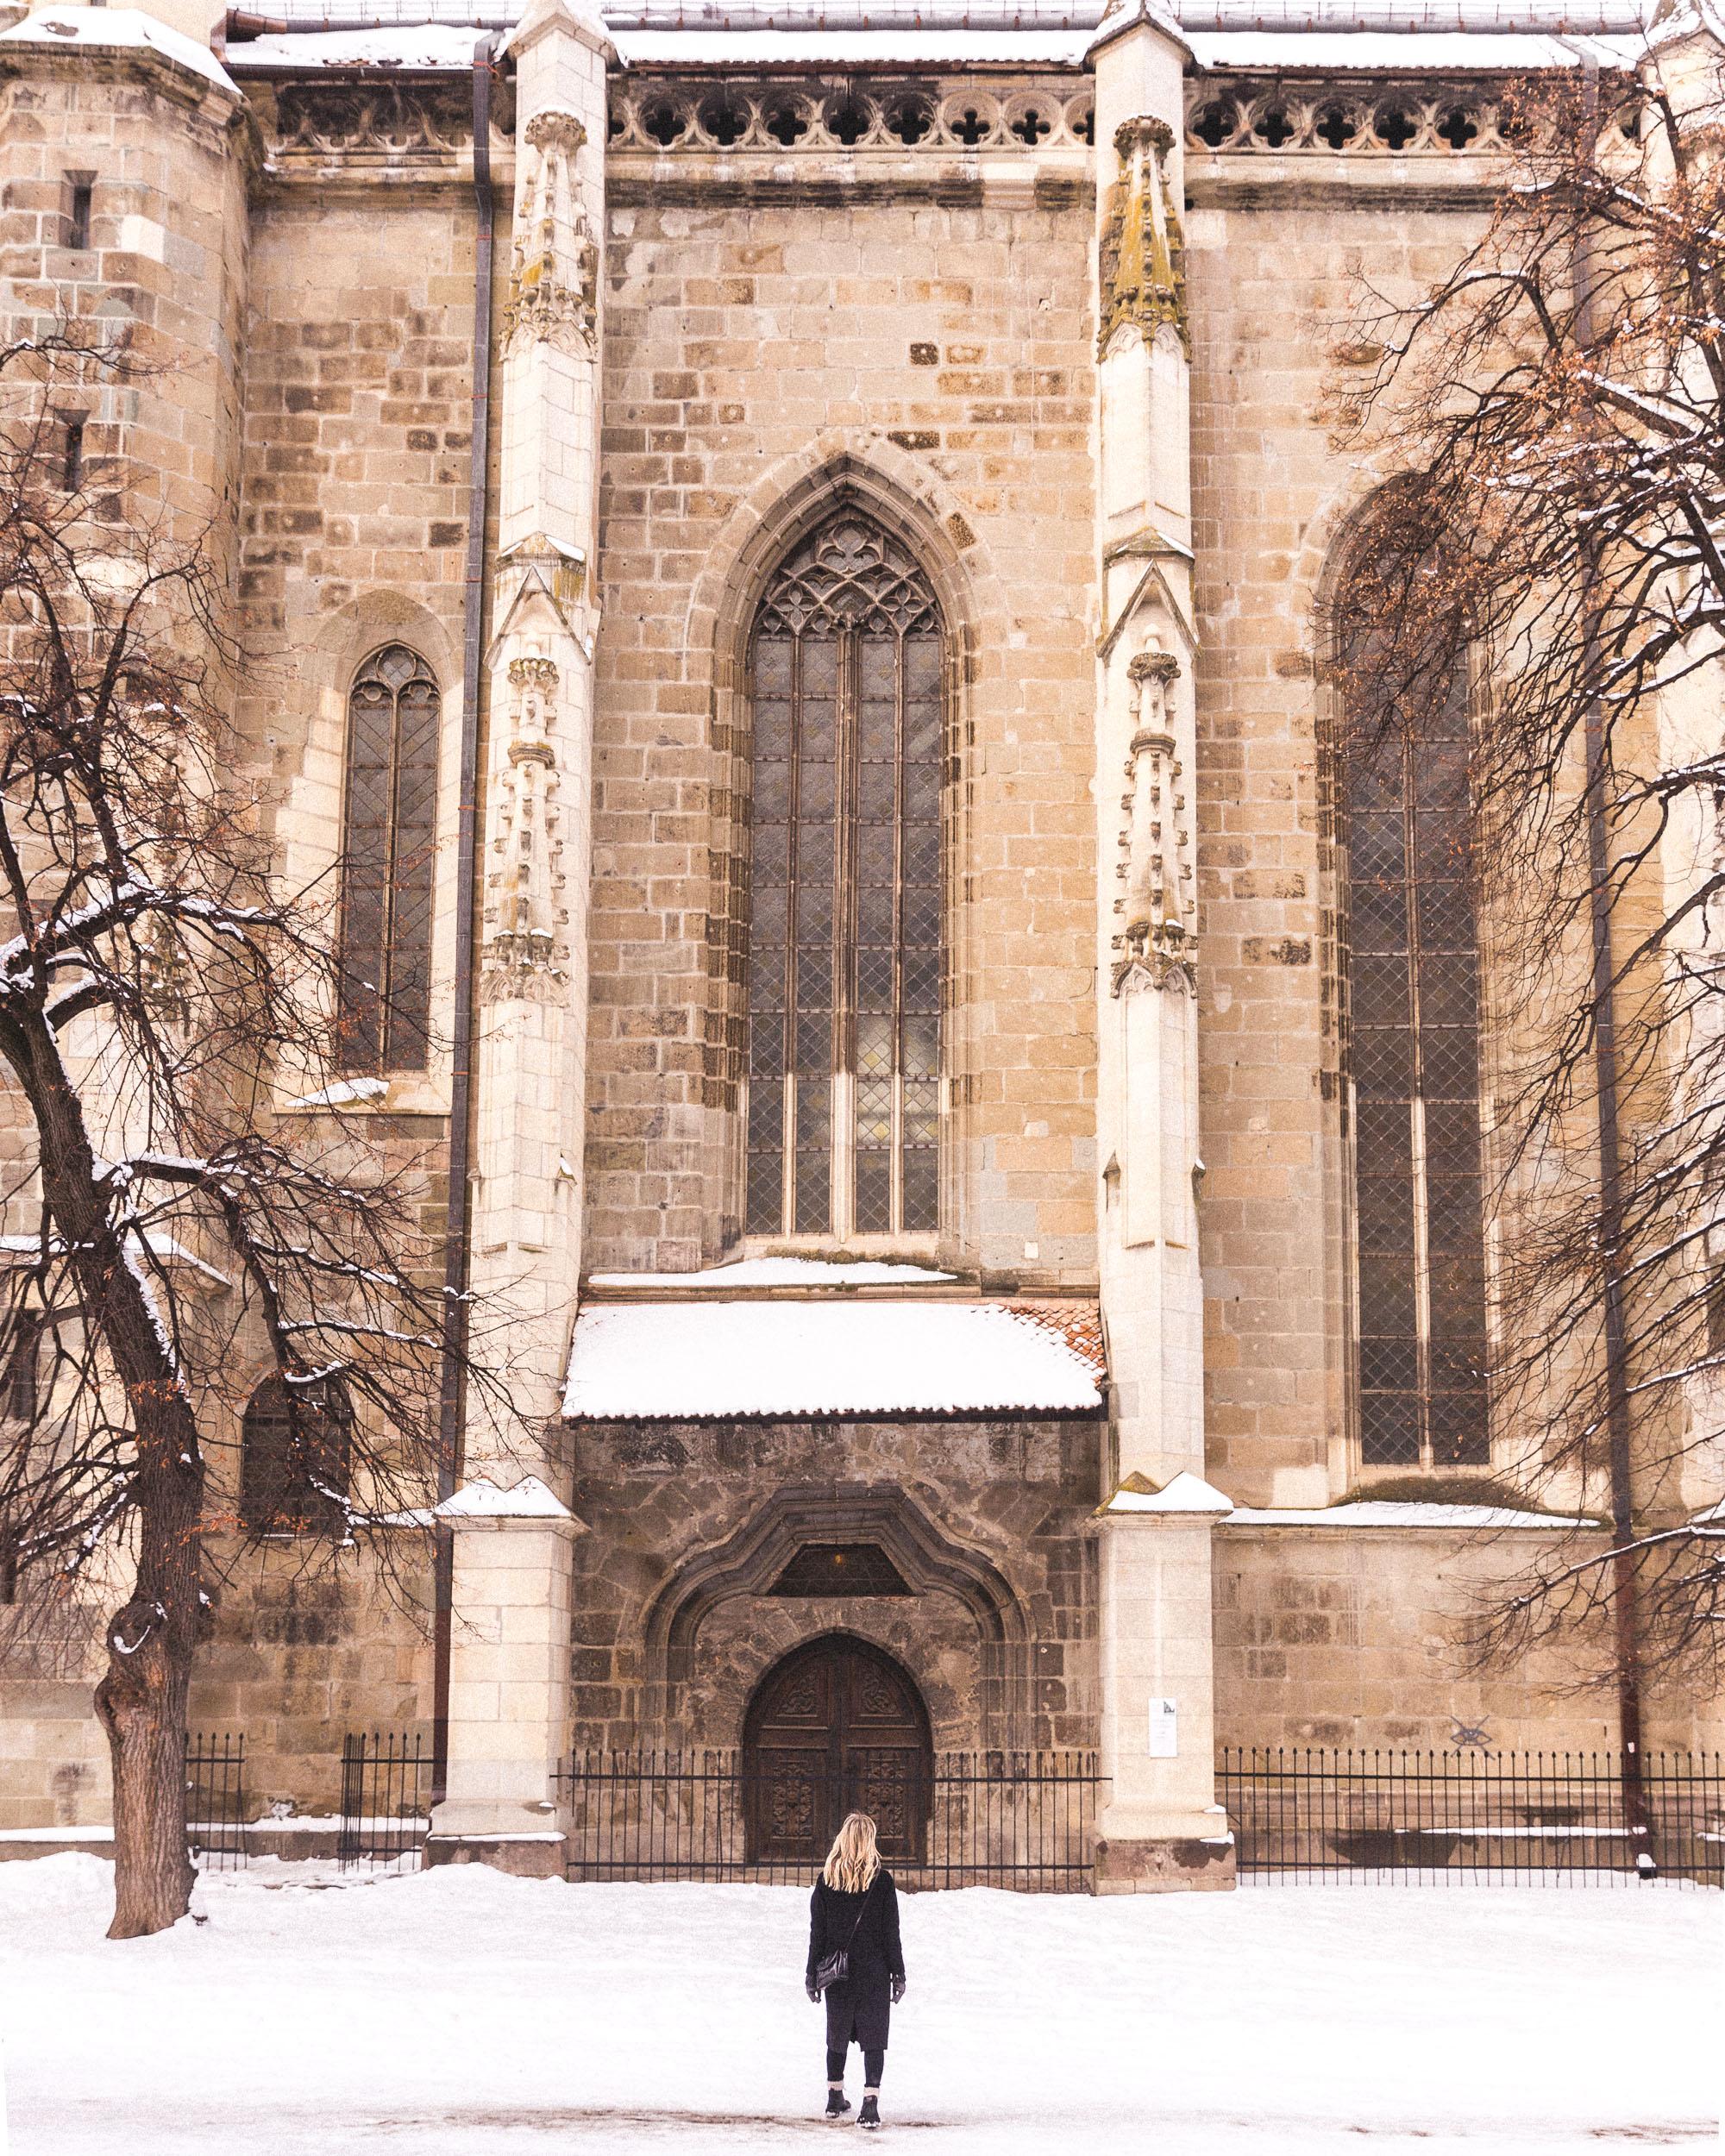 Church in Brasov town square, Transylvania, Romania